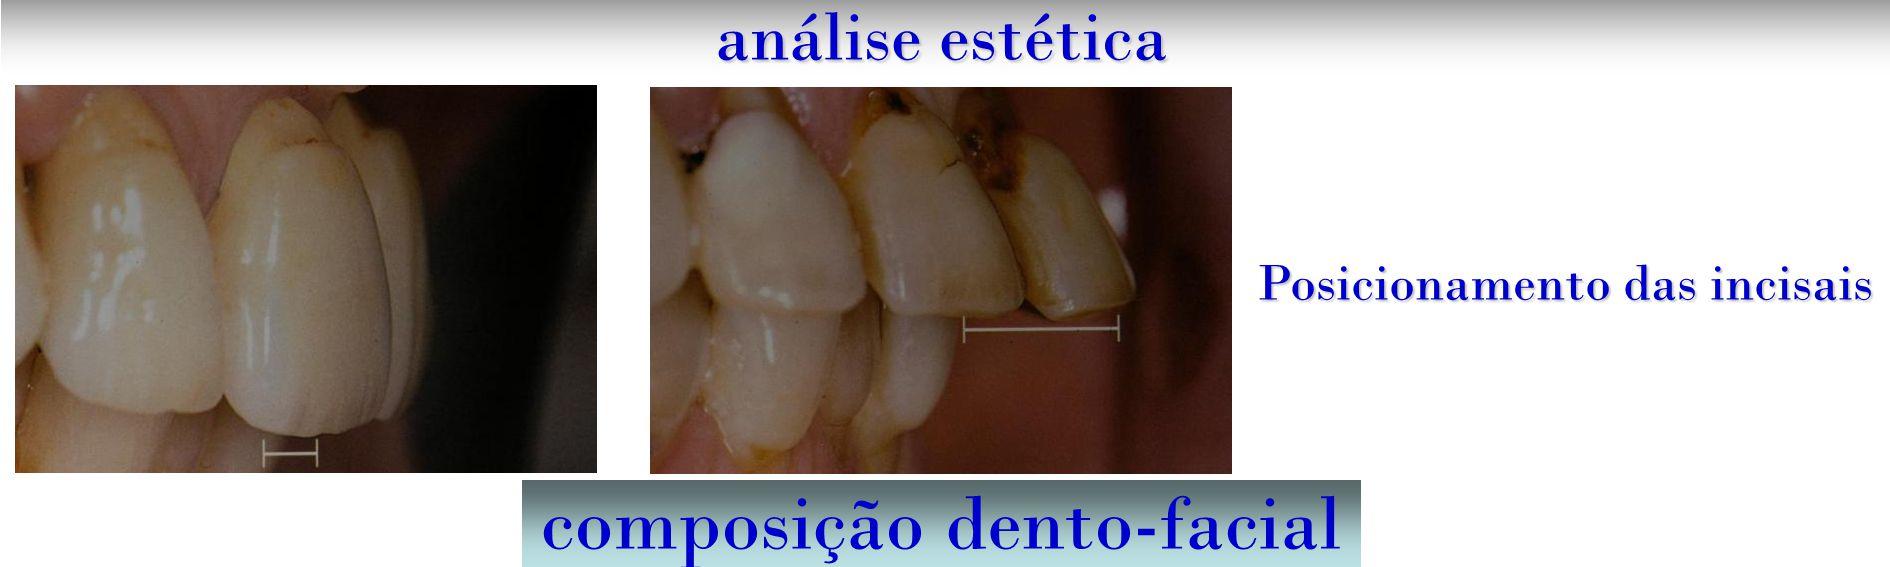 composição dento-facial